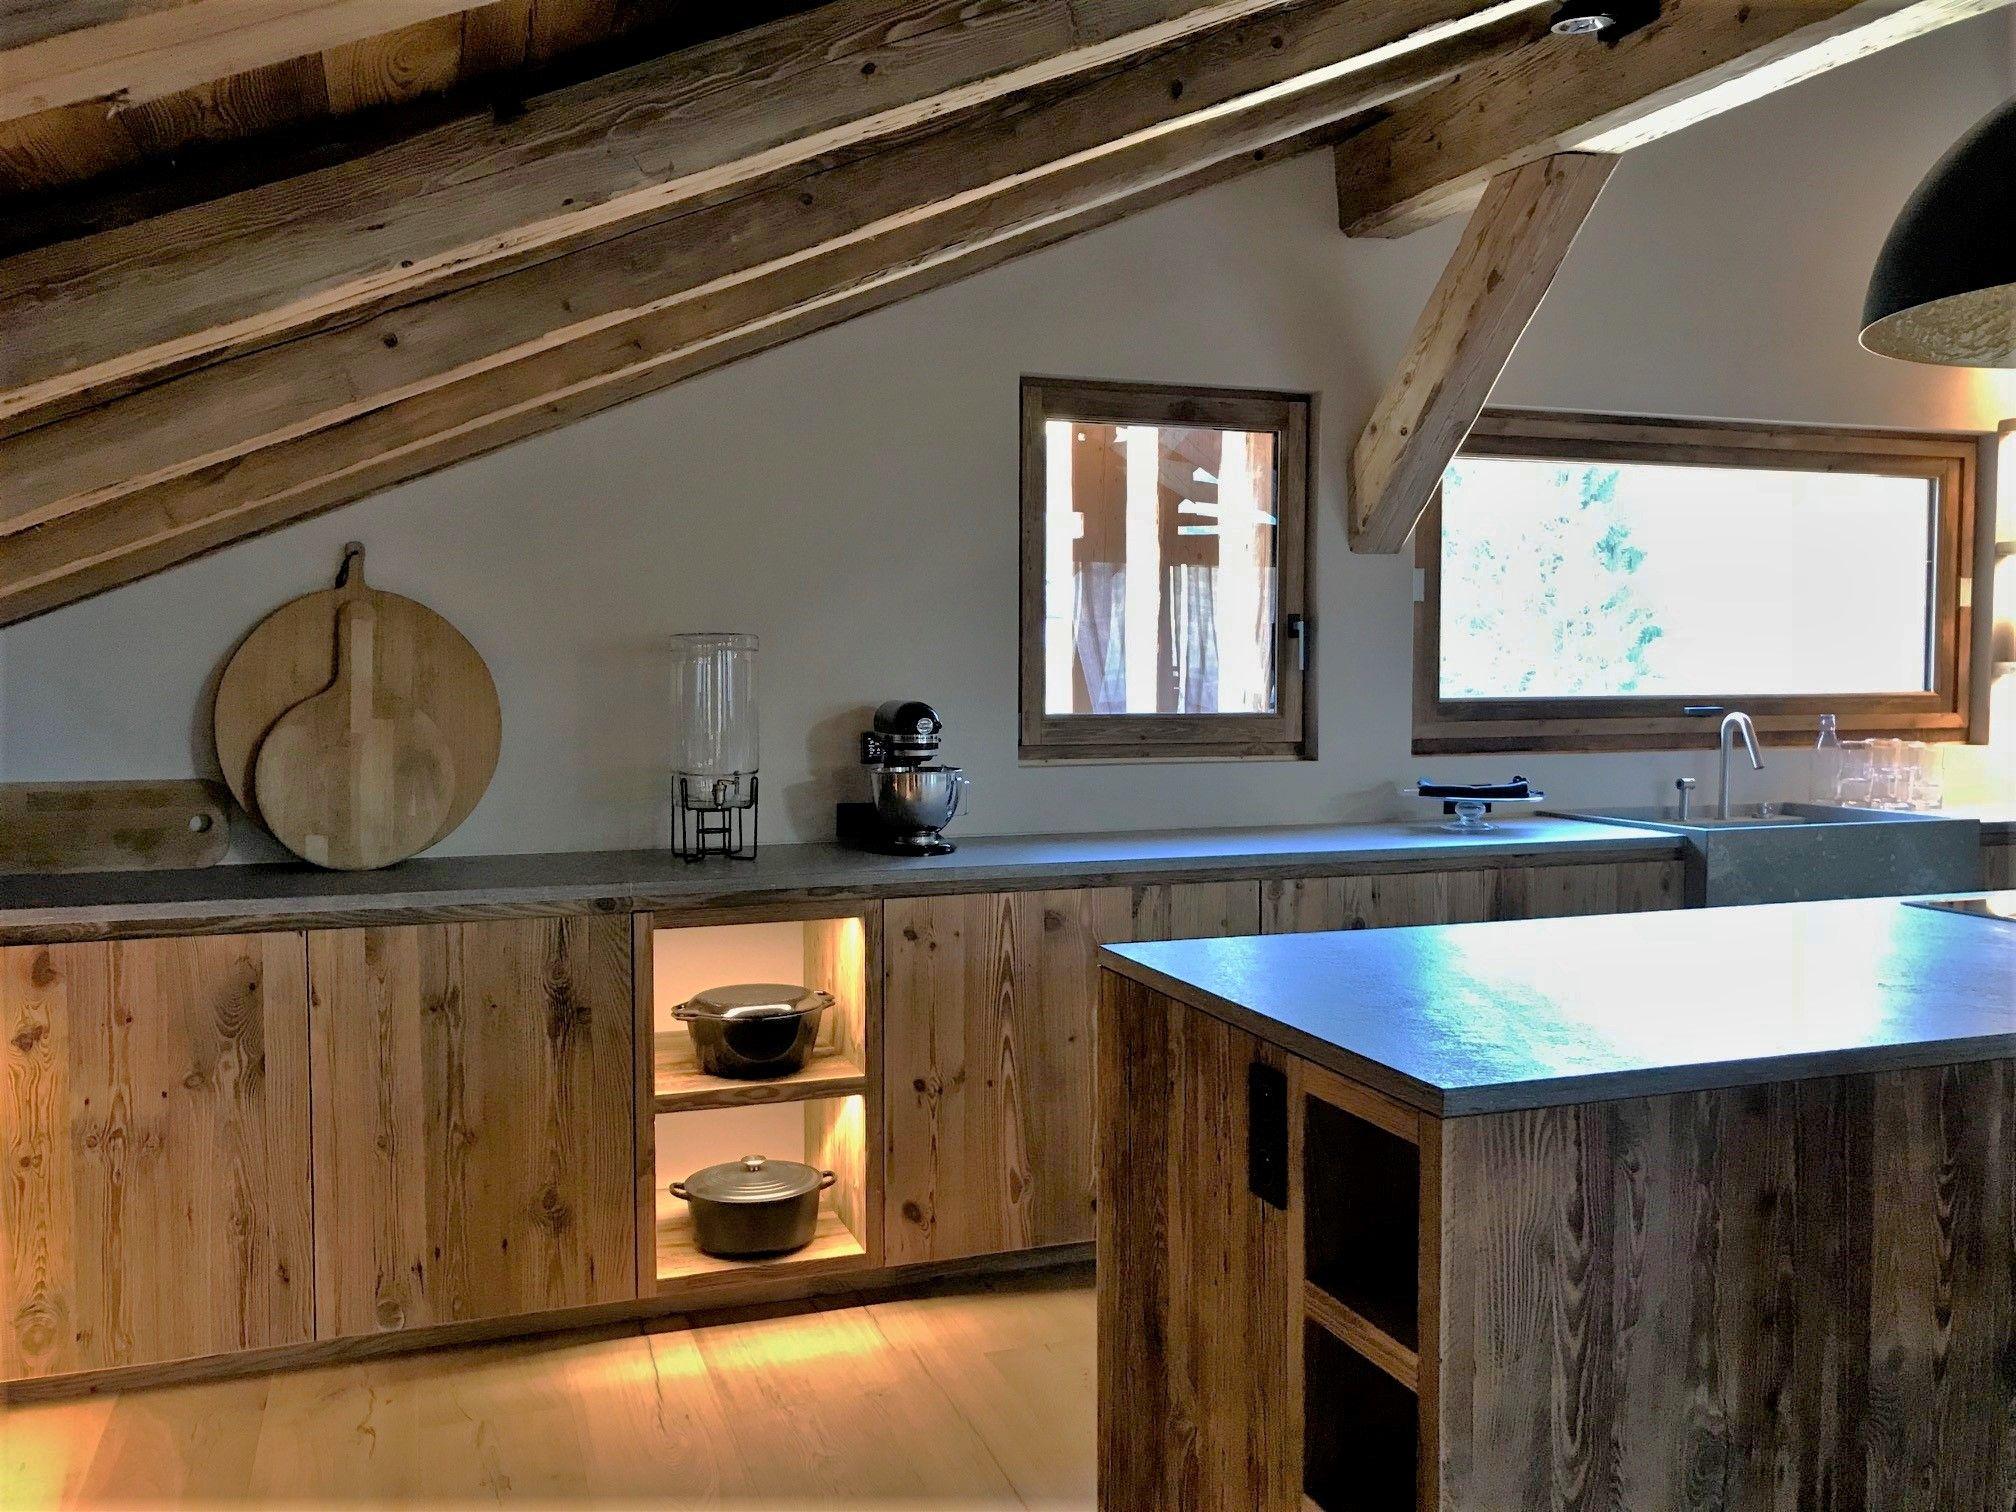 Cuisine, vieux bois, bois brut, rénovation, perspective, coin